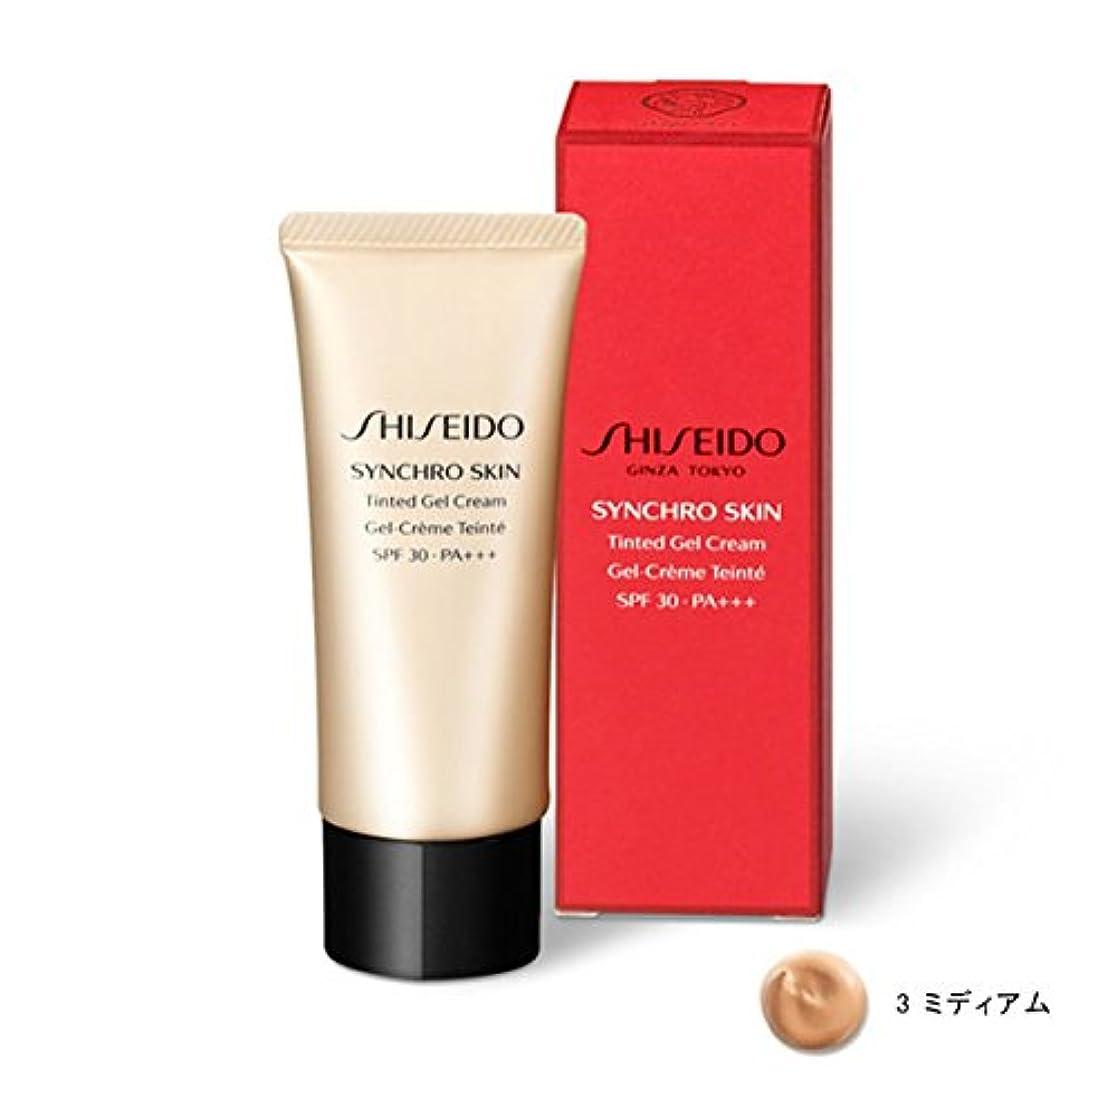 擬人化マンモス酸素SHISEIDO Makeup(資生堂 メーキャップ) SHISEIDO(資生堂) シンクロスキン ティンティッド ジェルクリーム (3 ミディアム)